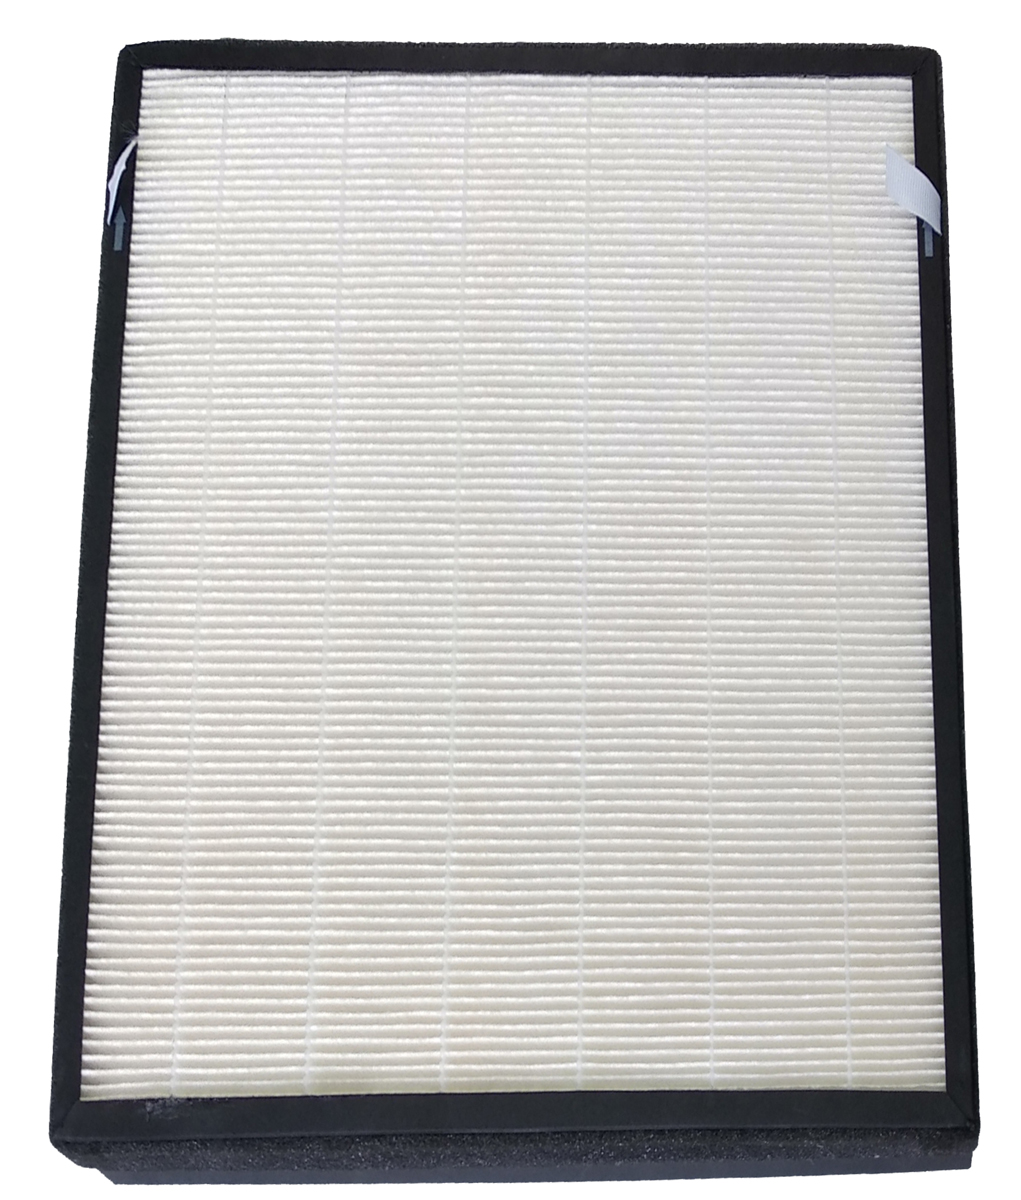 AIC фильтр для очистителя воздуха AIC XJ-4000